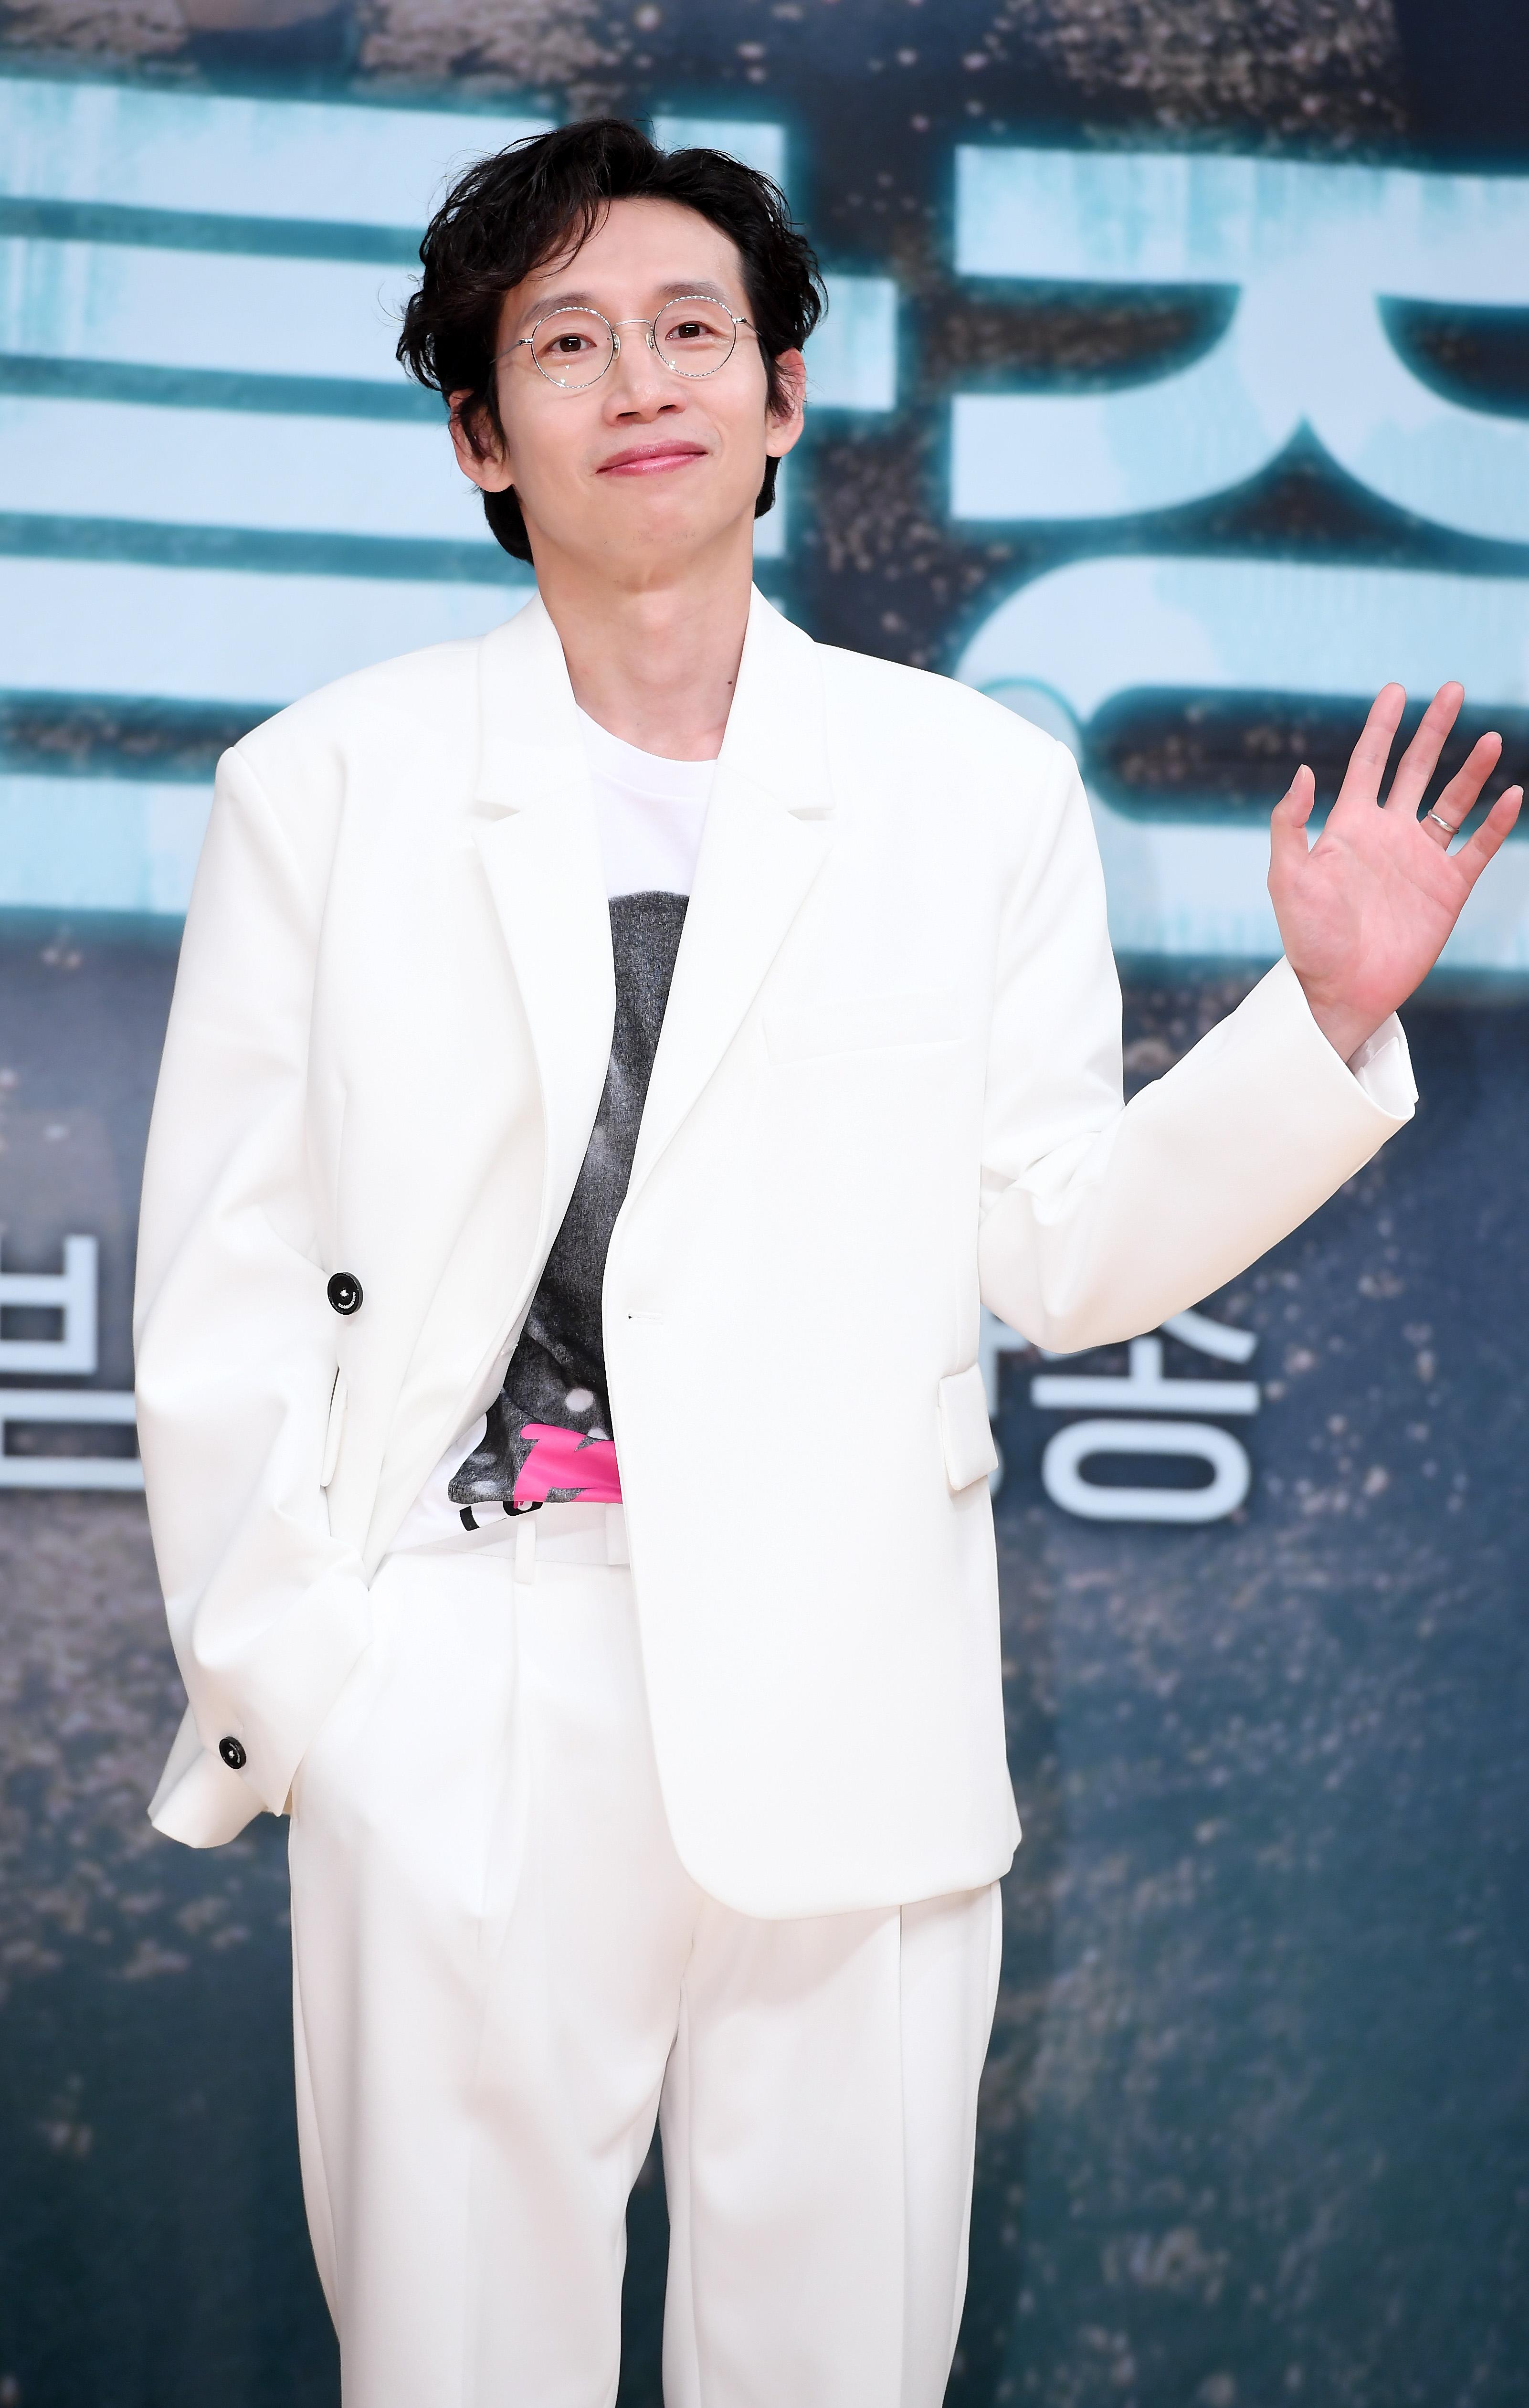 [단독] 봉태규, '펜하2' 이어 정규 편성된 '당혹사'까지 열일 행보